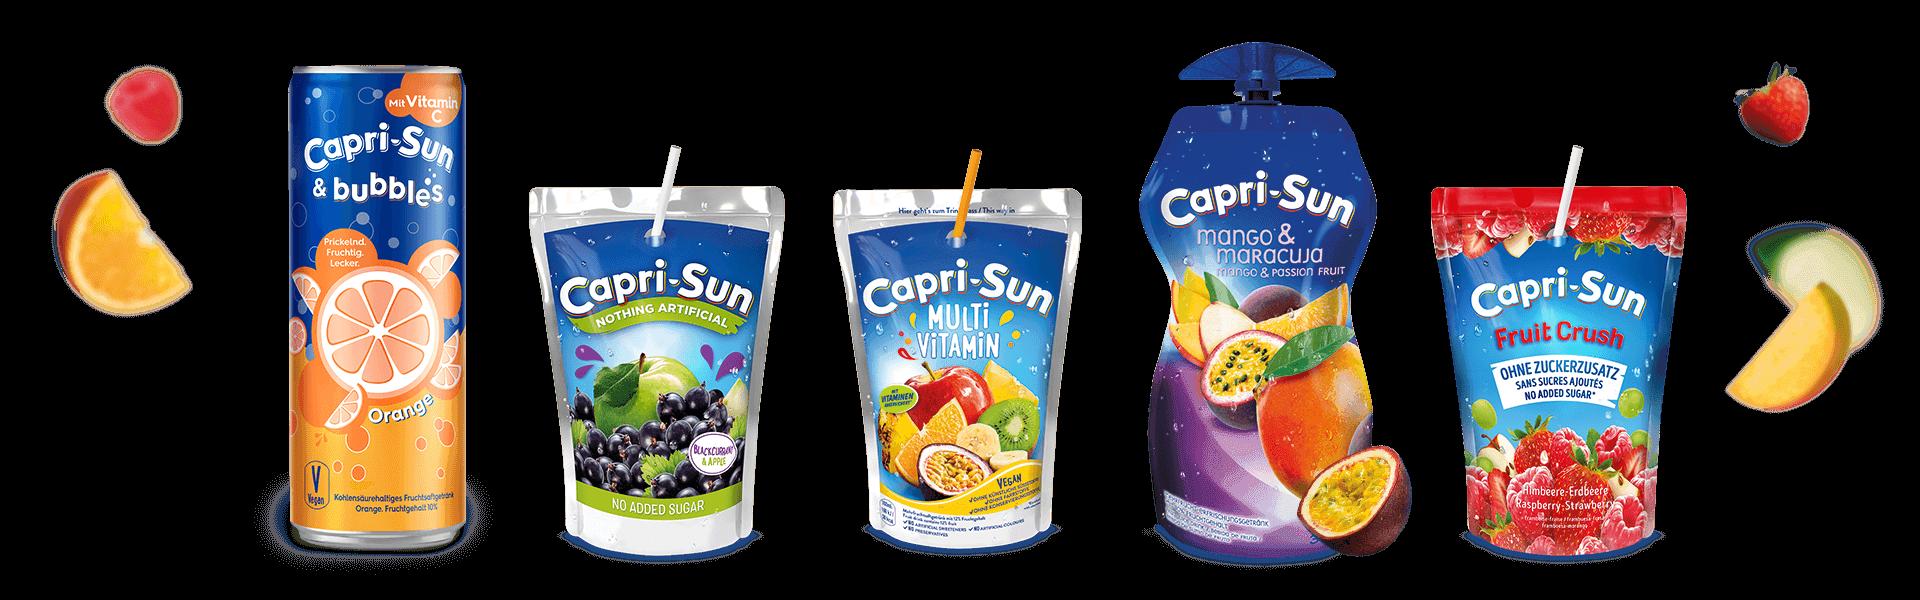 Capri-Sun Website Header Full Range